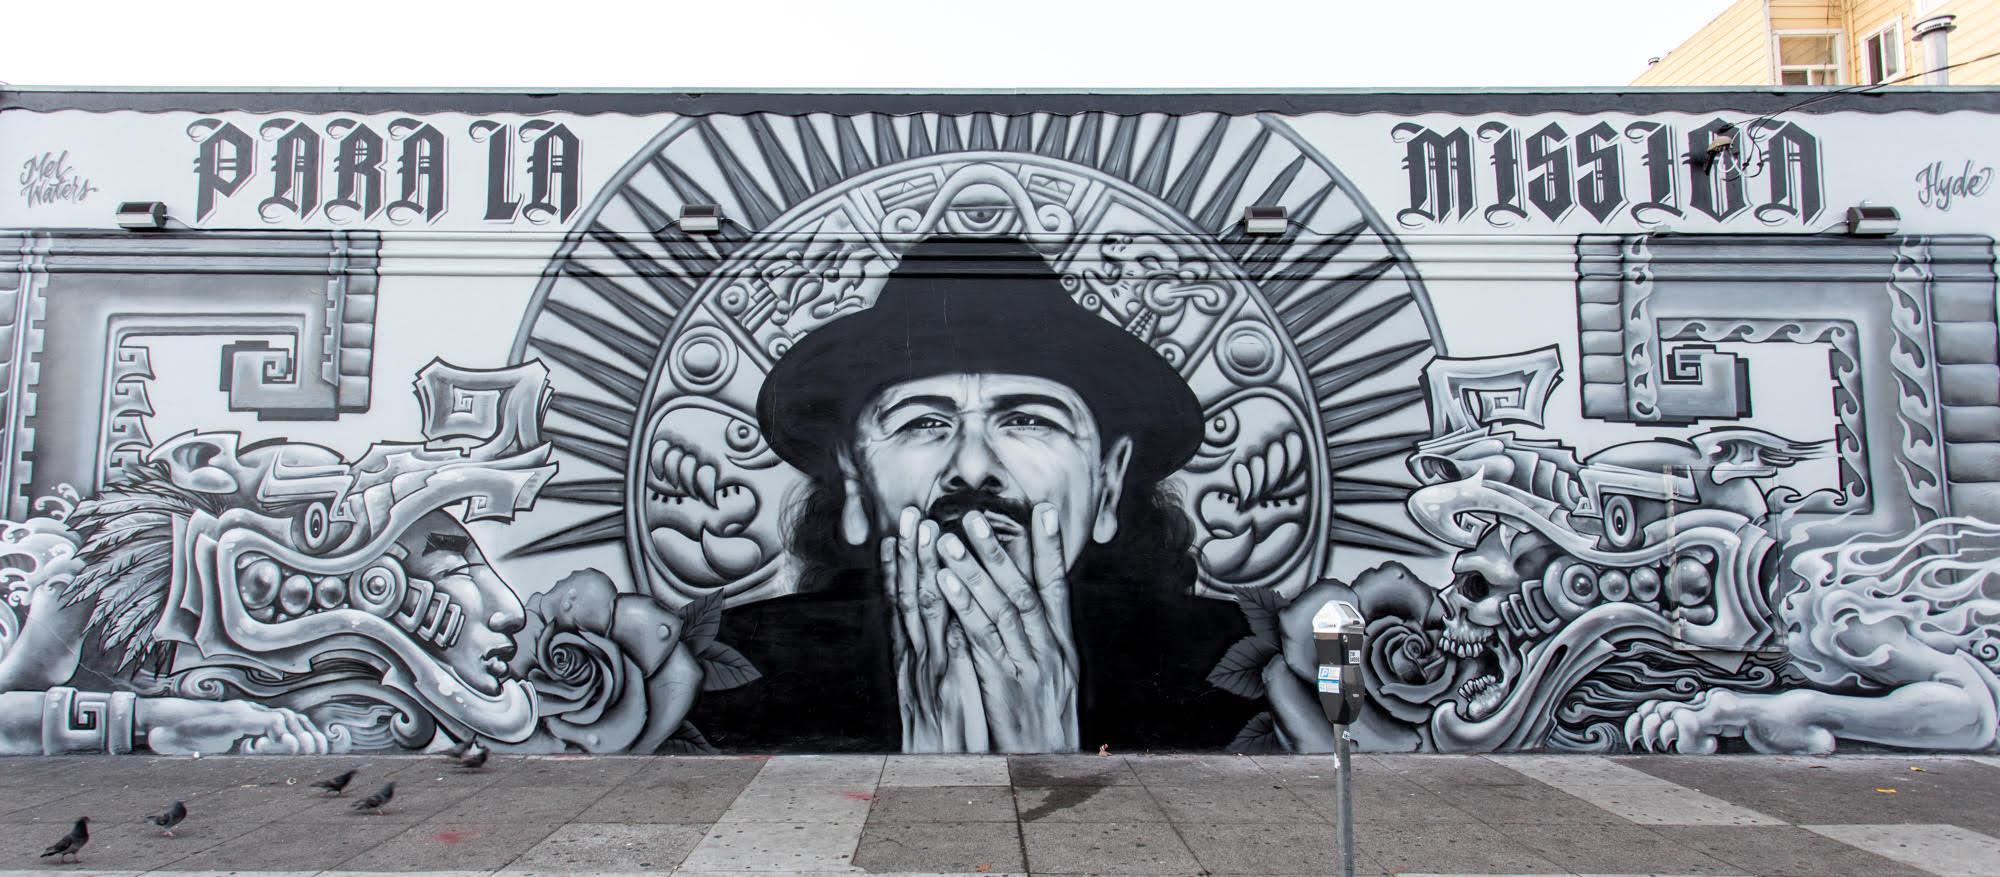 Santana Mural Photo David Dines.jpg